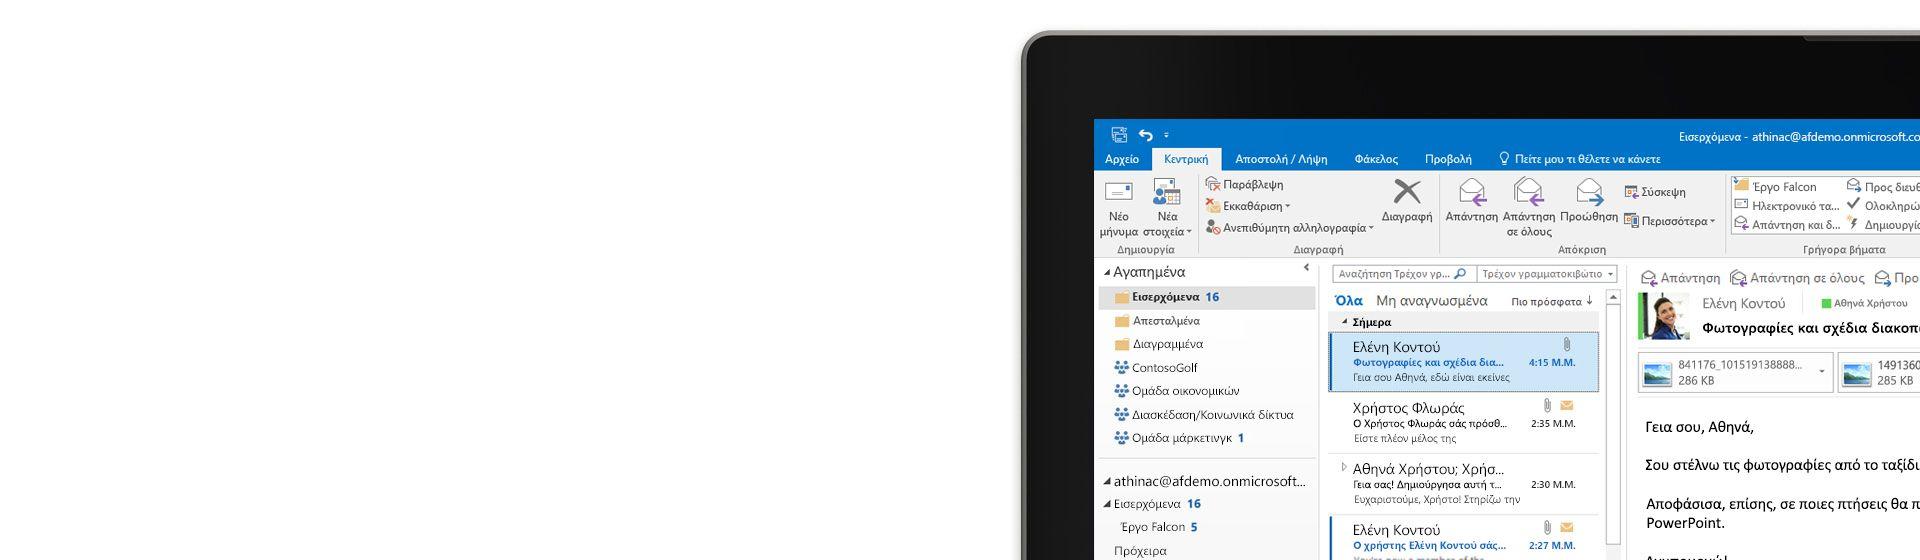 Το Microsoft Outlook εκτελείται σε έναν υπολογιστή tablet με ανοιχτό ένα παράθυρο προεπισκόπησης μηνύματος